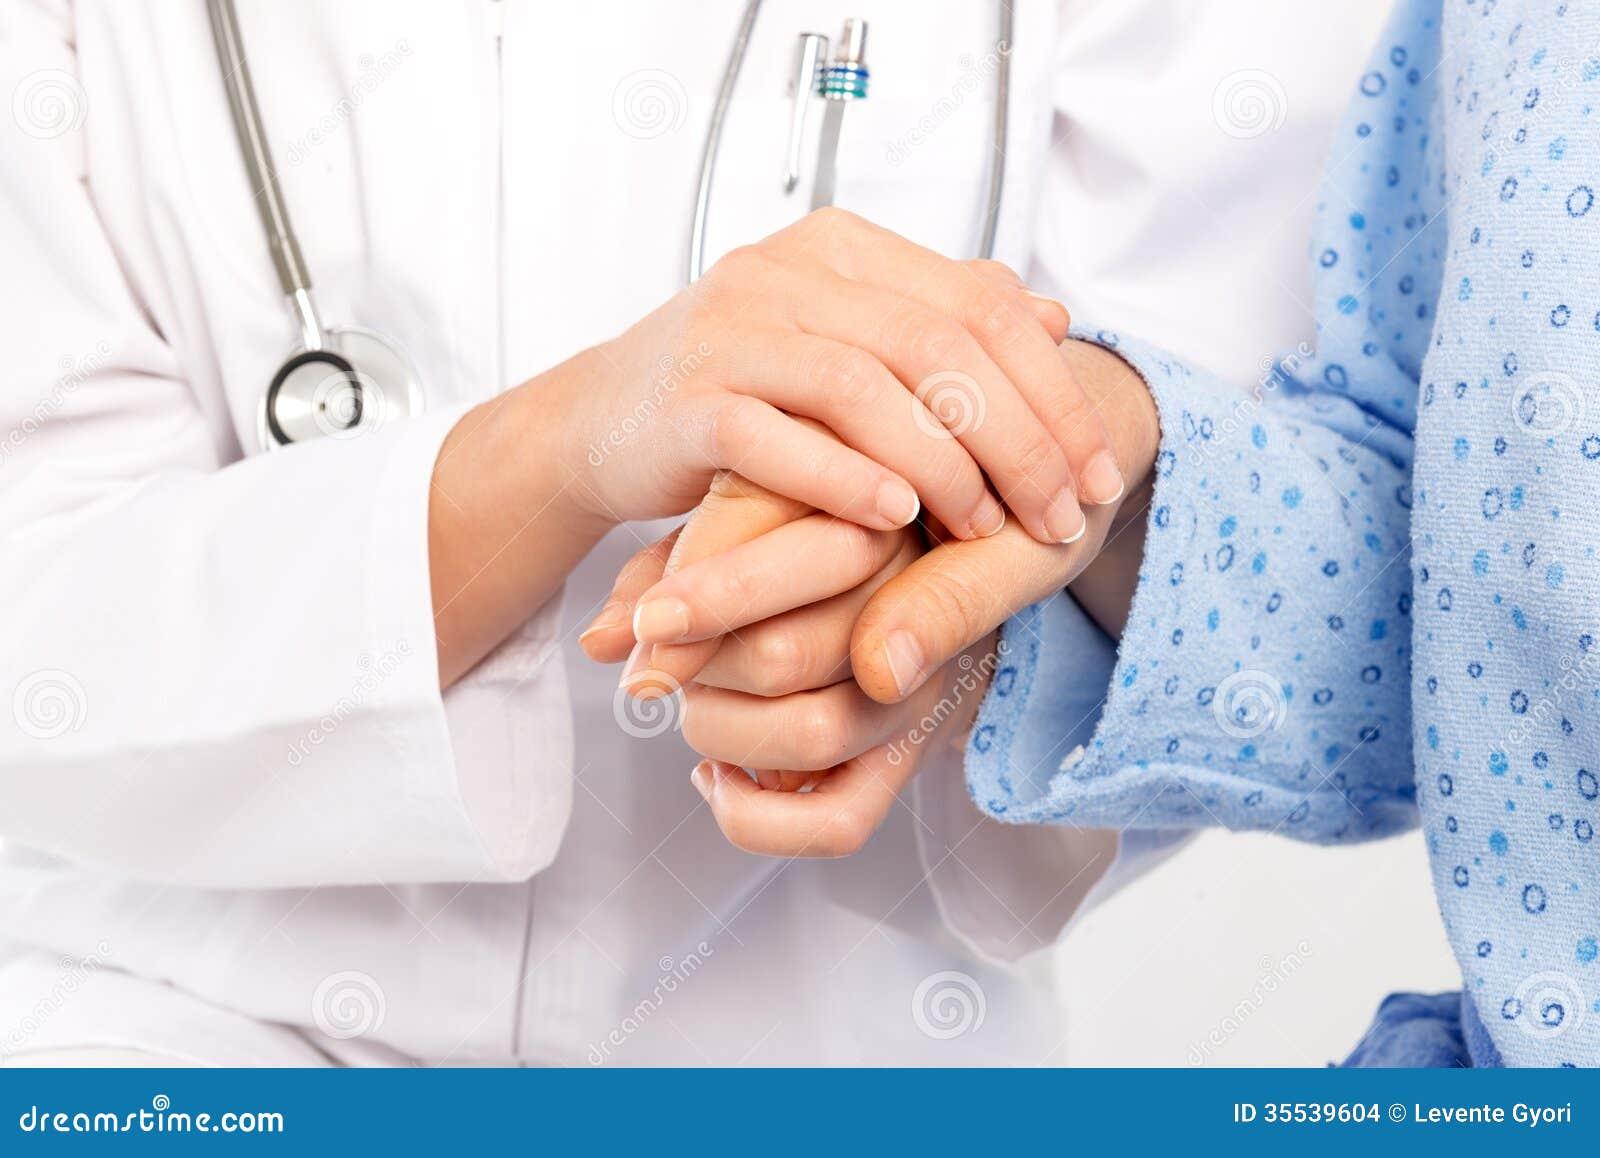 Lekarz medycyny robić dziurę starszą pacjent rękę